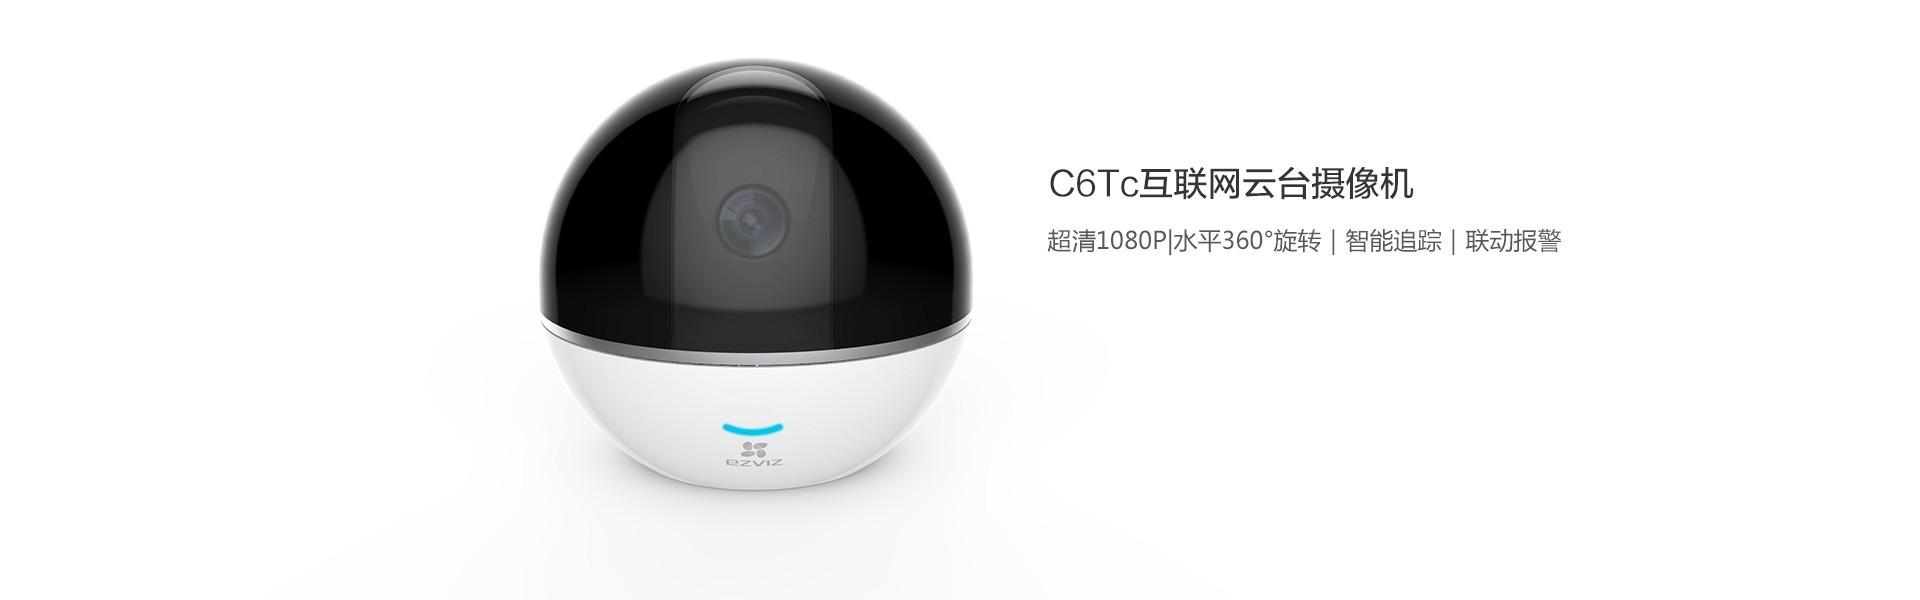 C6TC-1.jpg